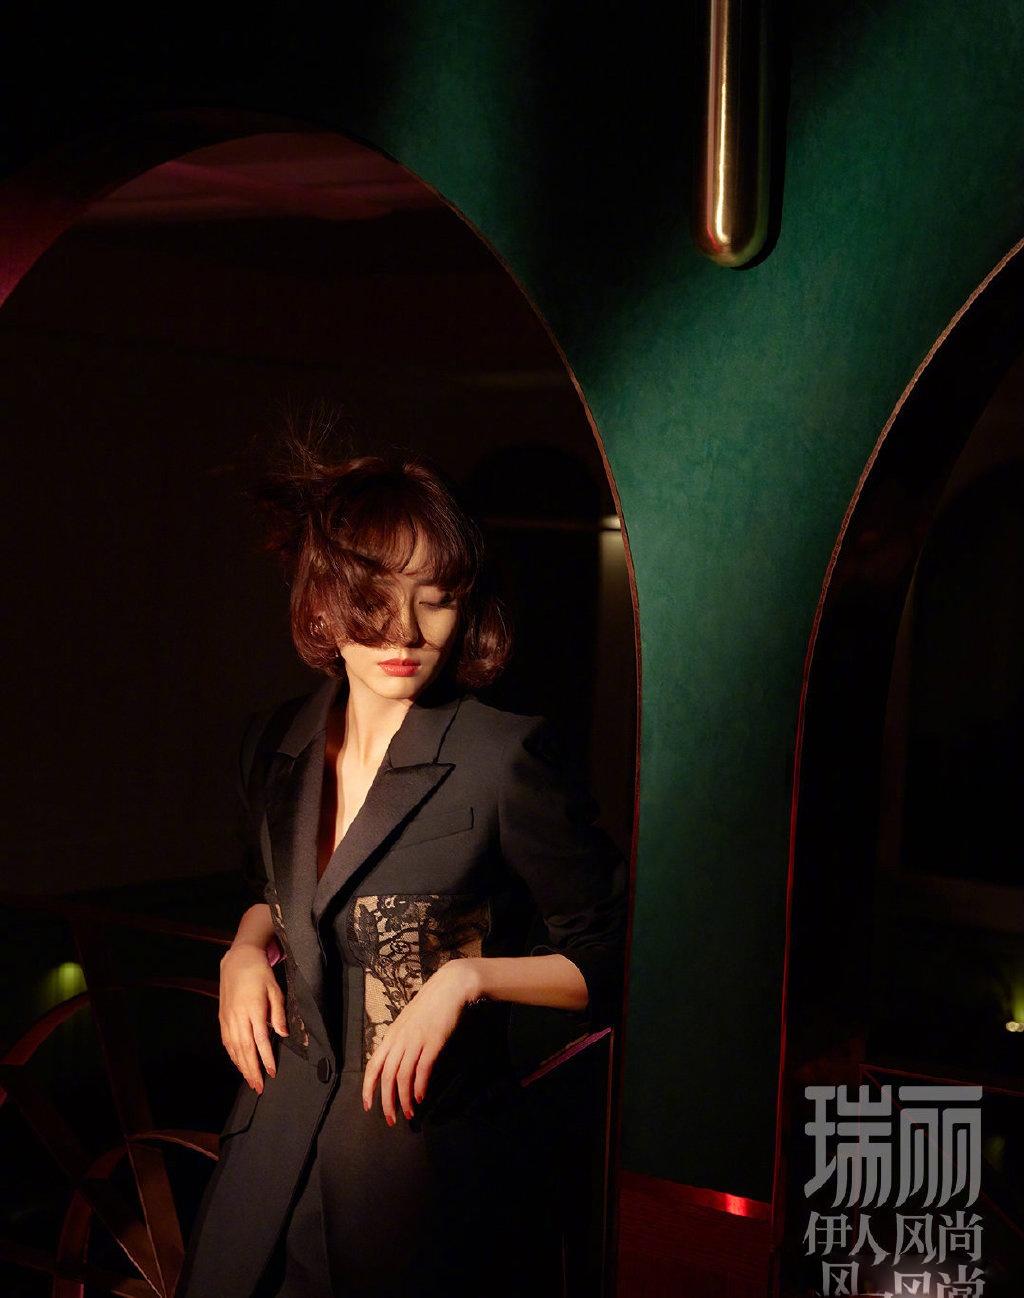 瑞丽伊人风尚7月刊佟丽娅封面大片,迷离的光影,尽显复古魅惑